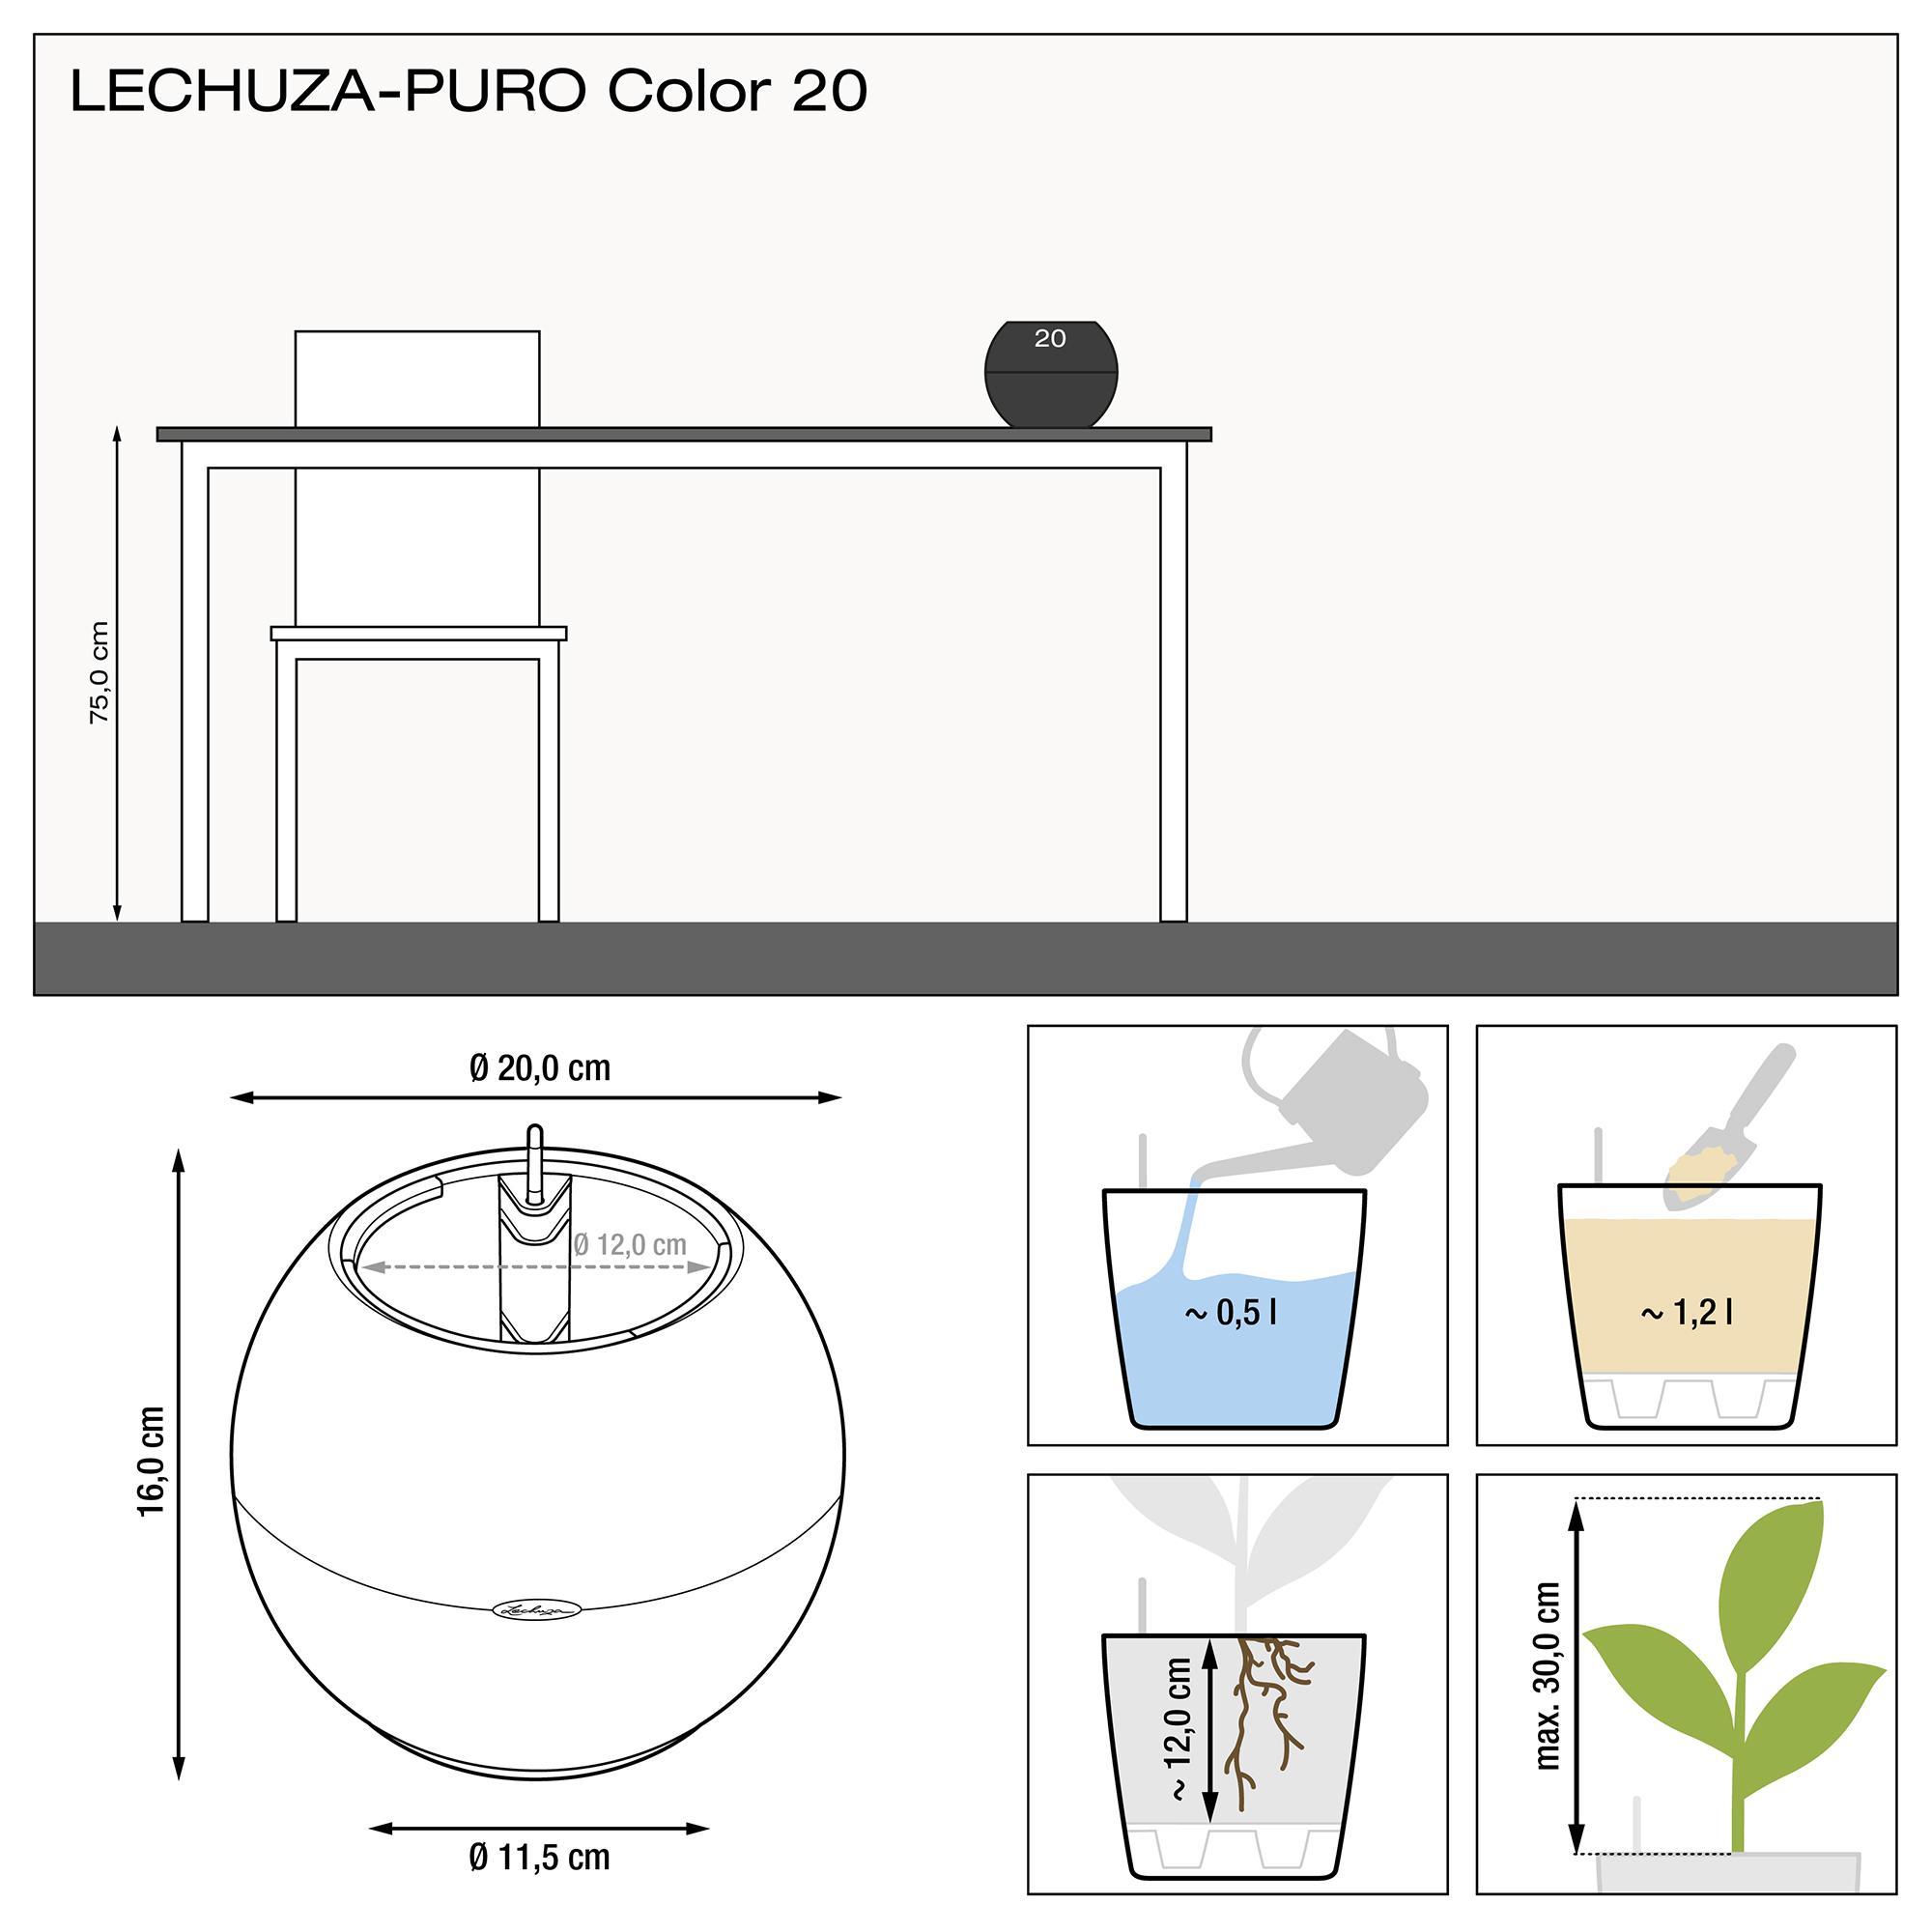 LECHUZA-PURO Color 20 flamingo - Bild 3